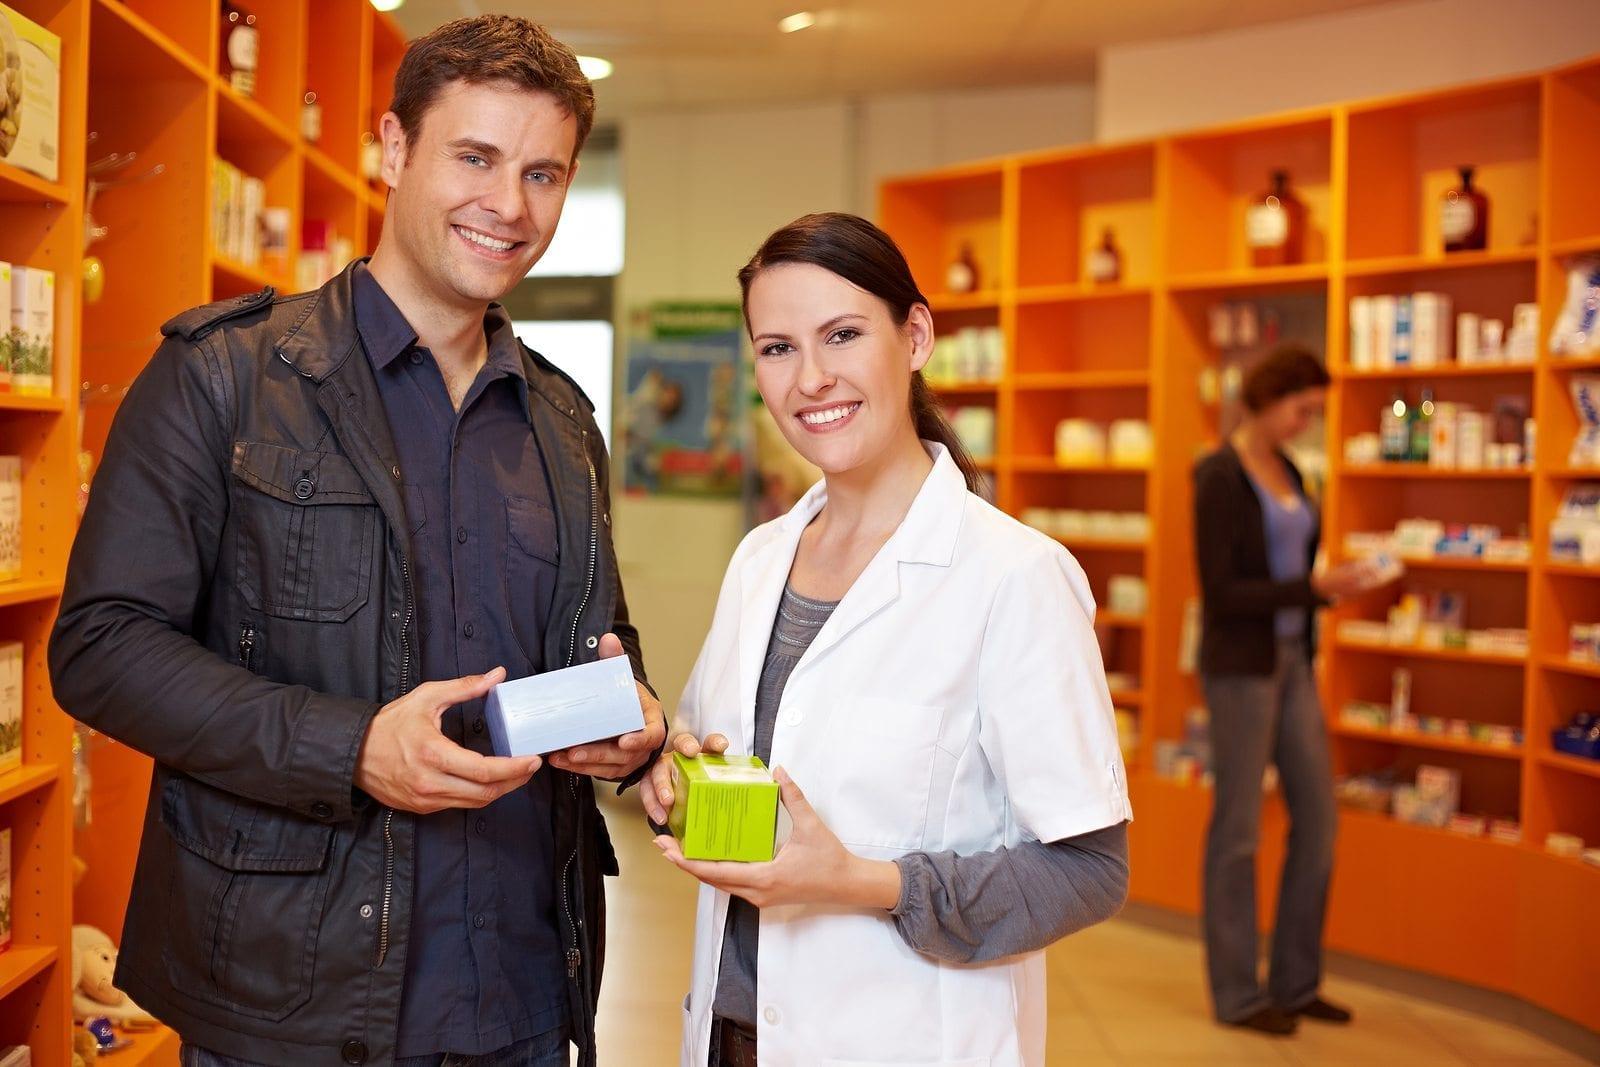 pharmacy technician programs modesto ca pharmacy technician programs fresno ca